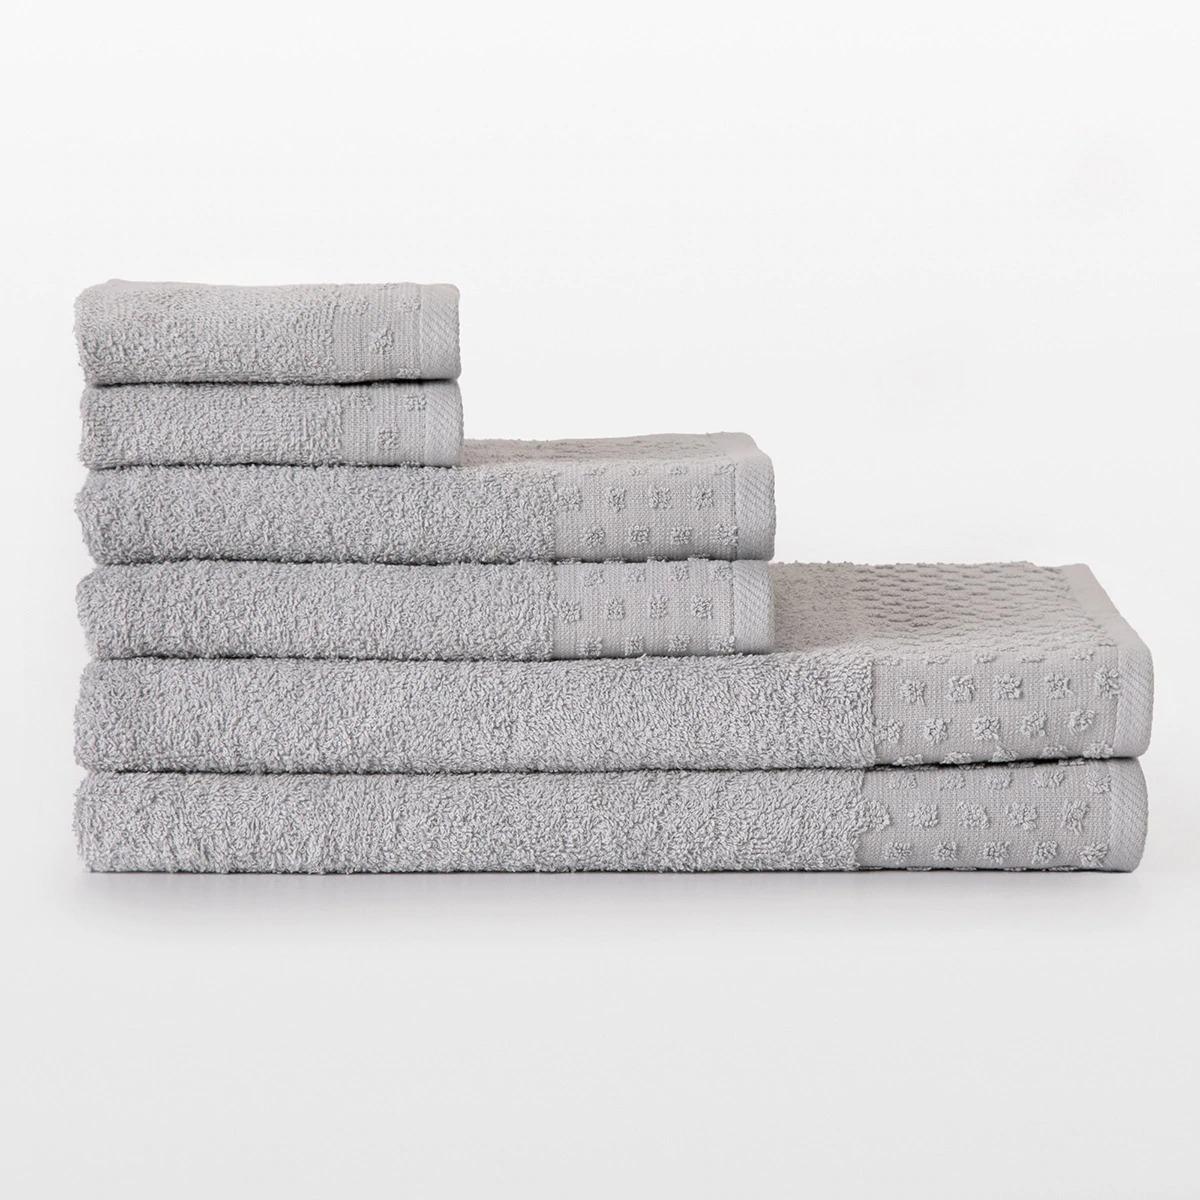 BASICS EL CORTE INGLÉS Juego de 6 toallas de baño Heaven Basics